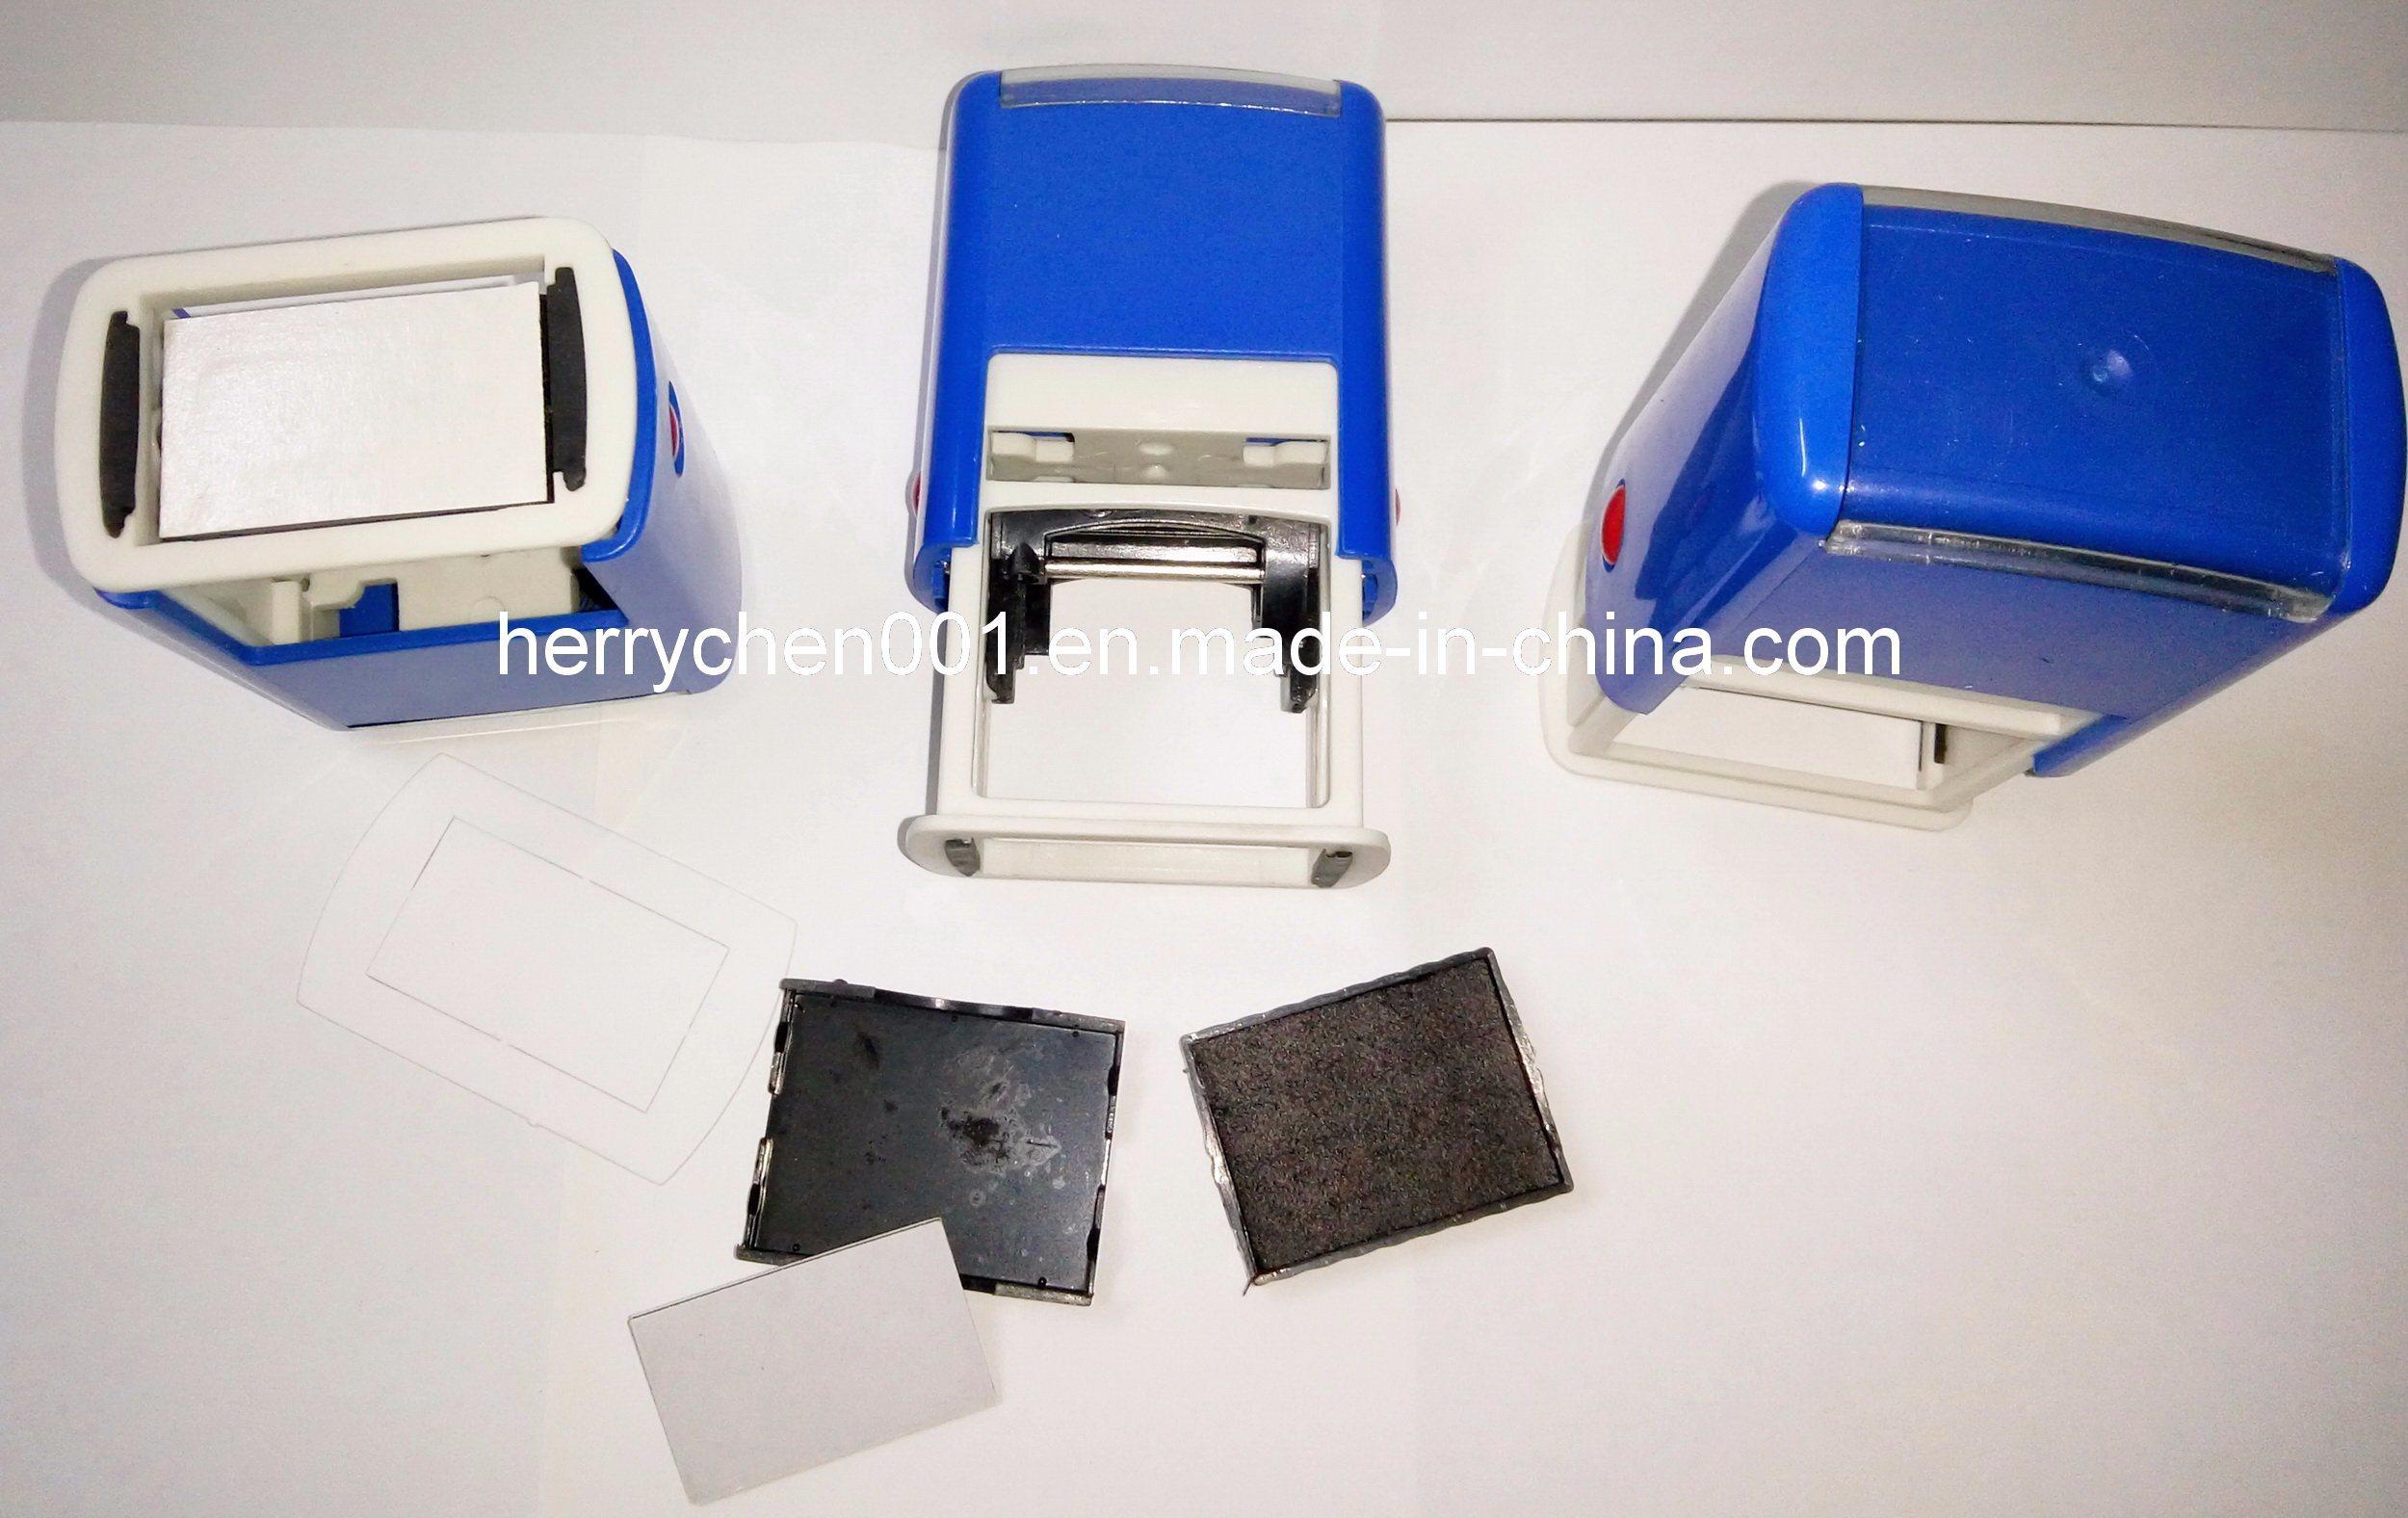 Self-Inking Stamp, No. 5002